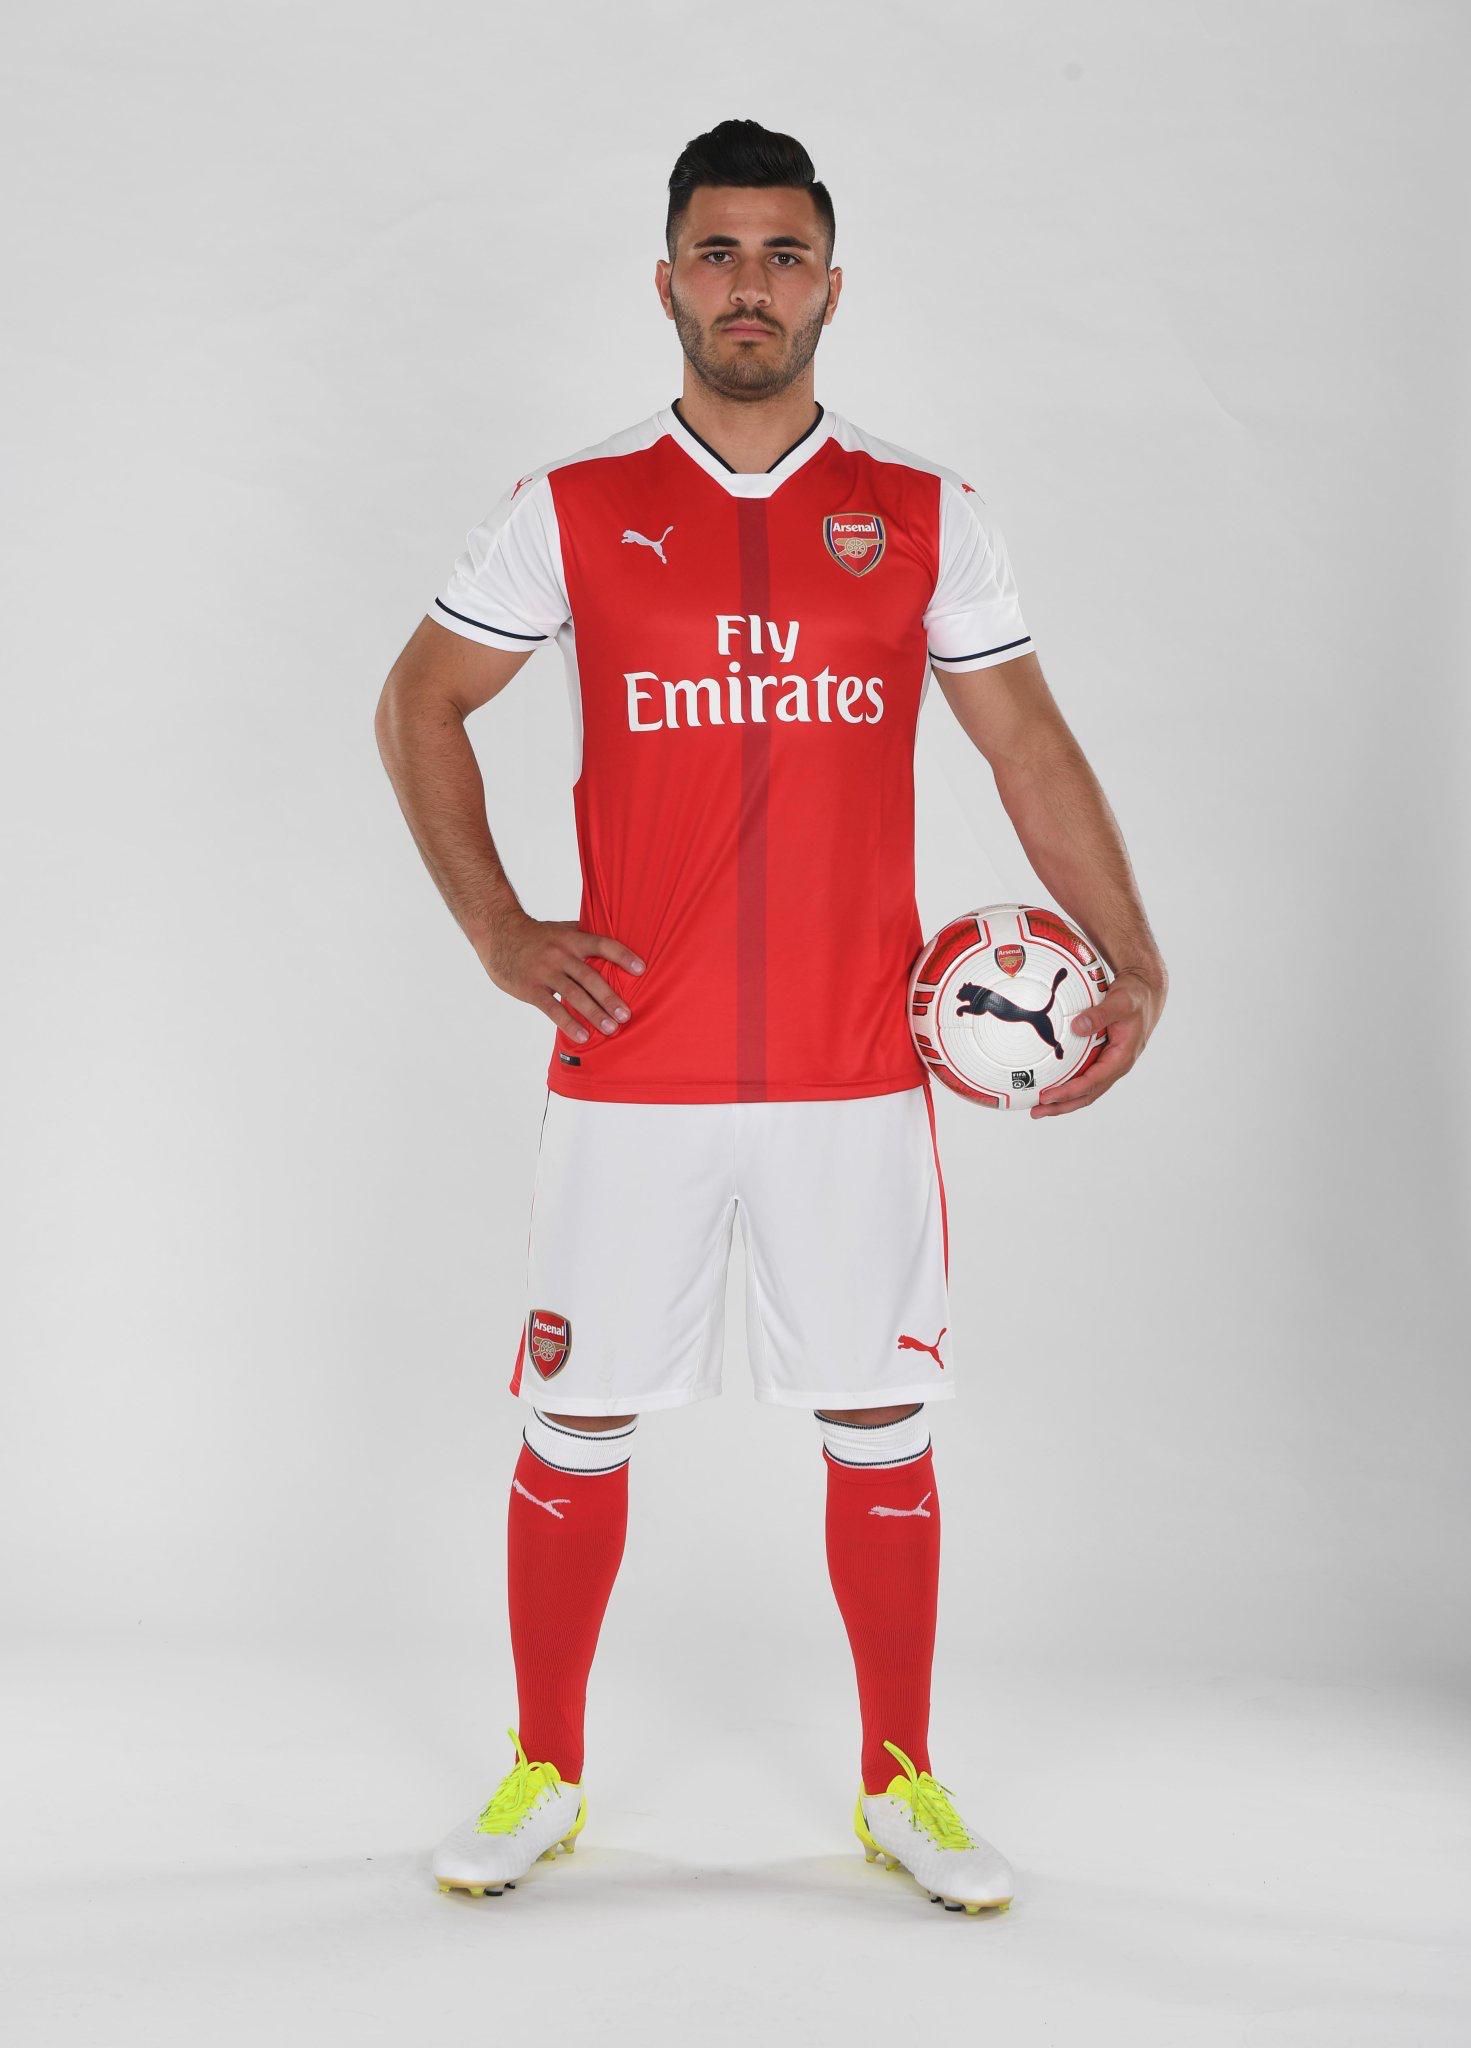 Maillot Extérieur Arsenal Sead Kolasinac